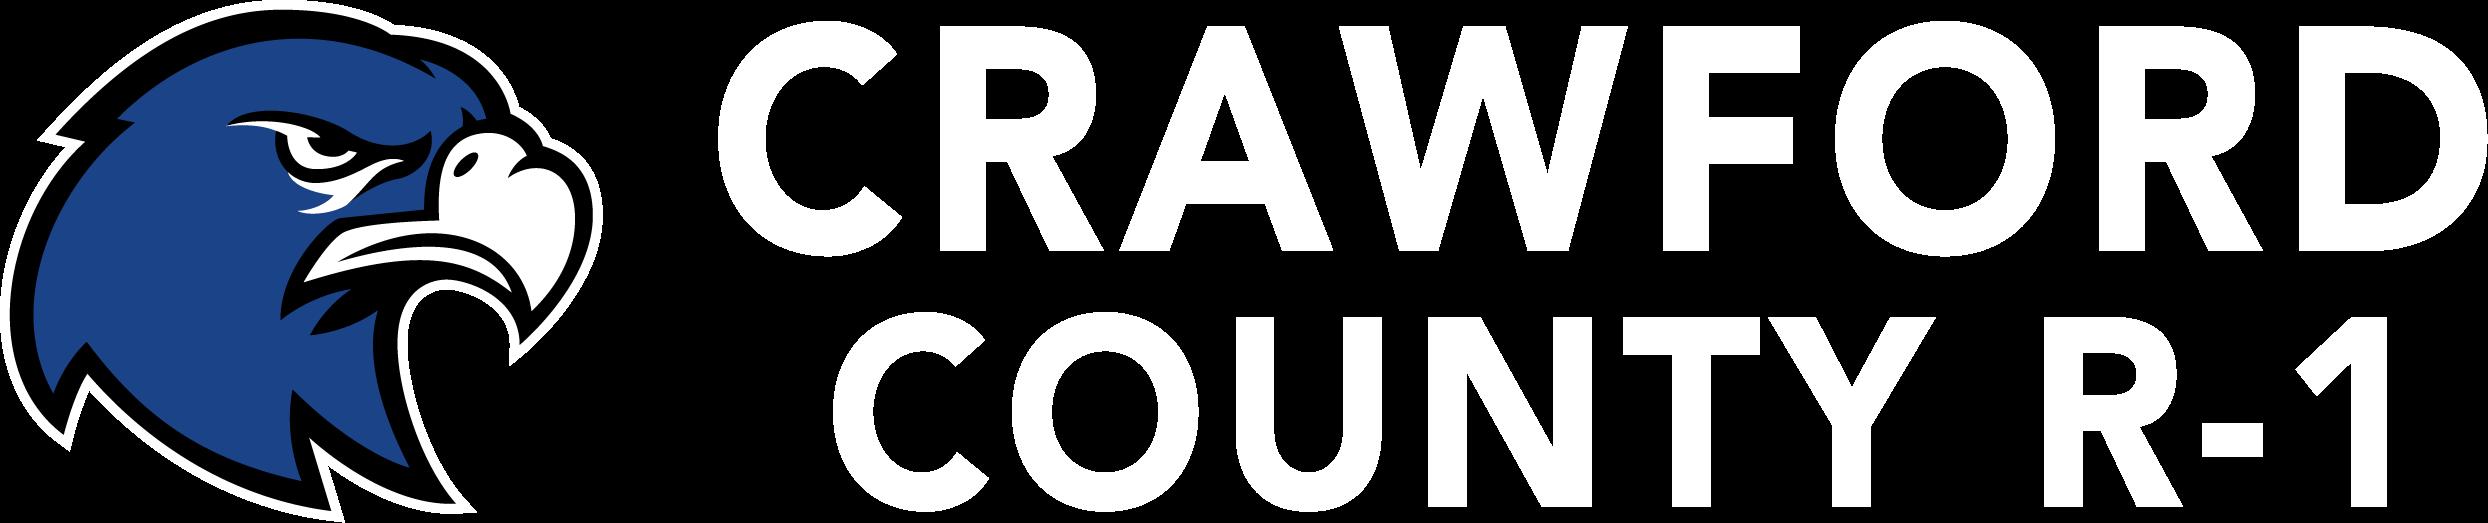 Crawford County R-1